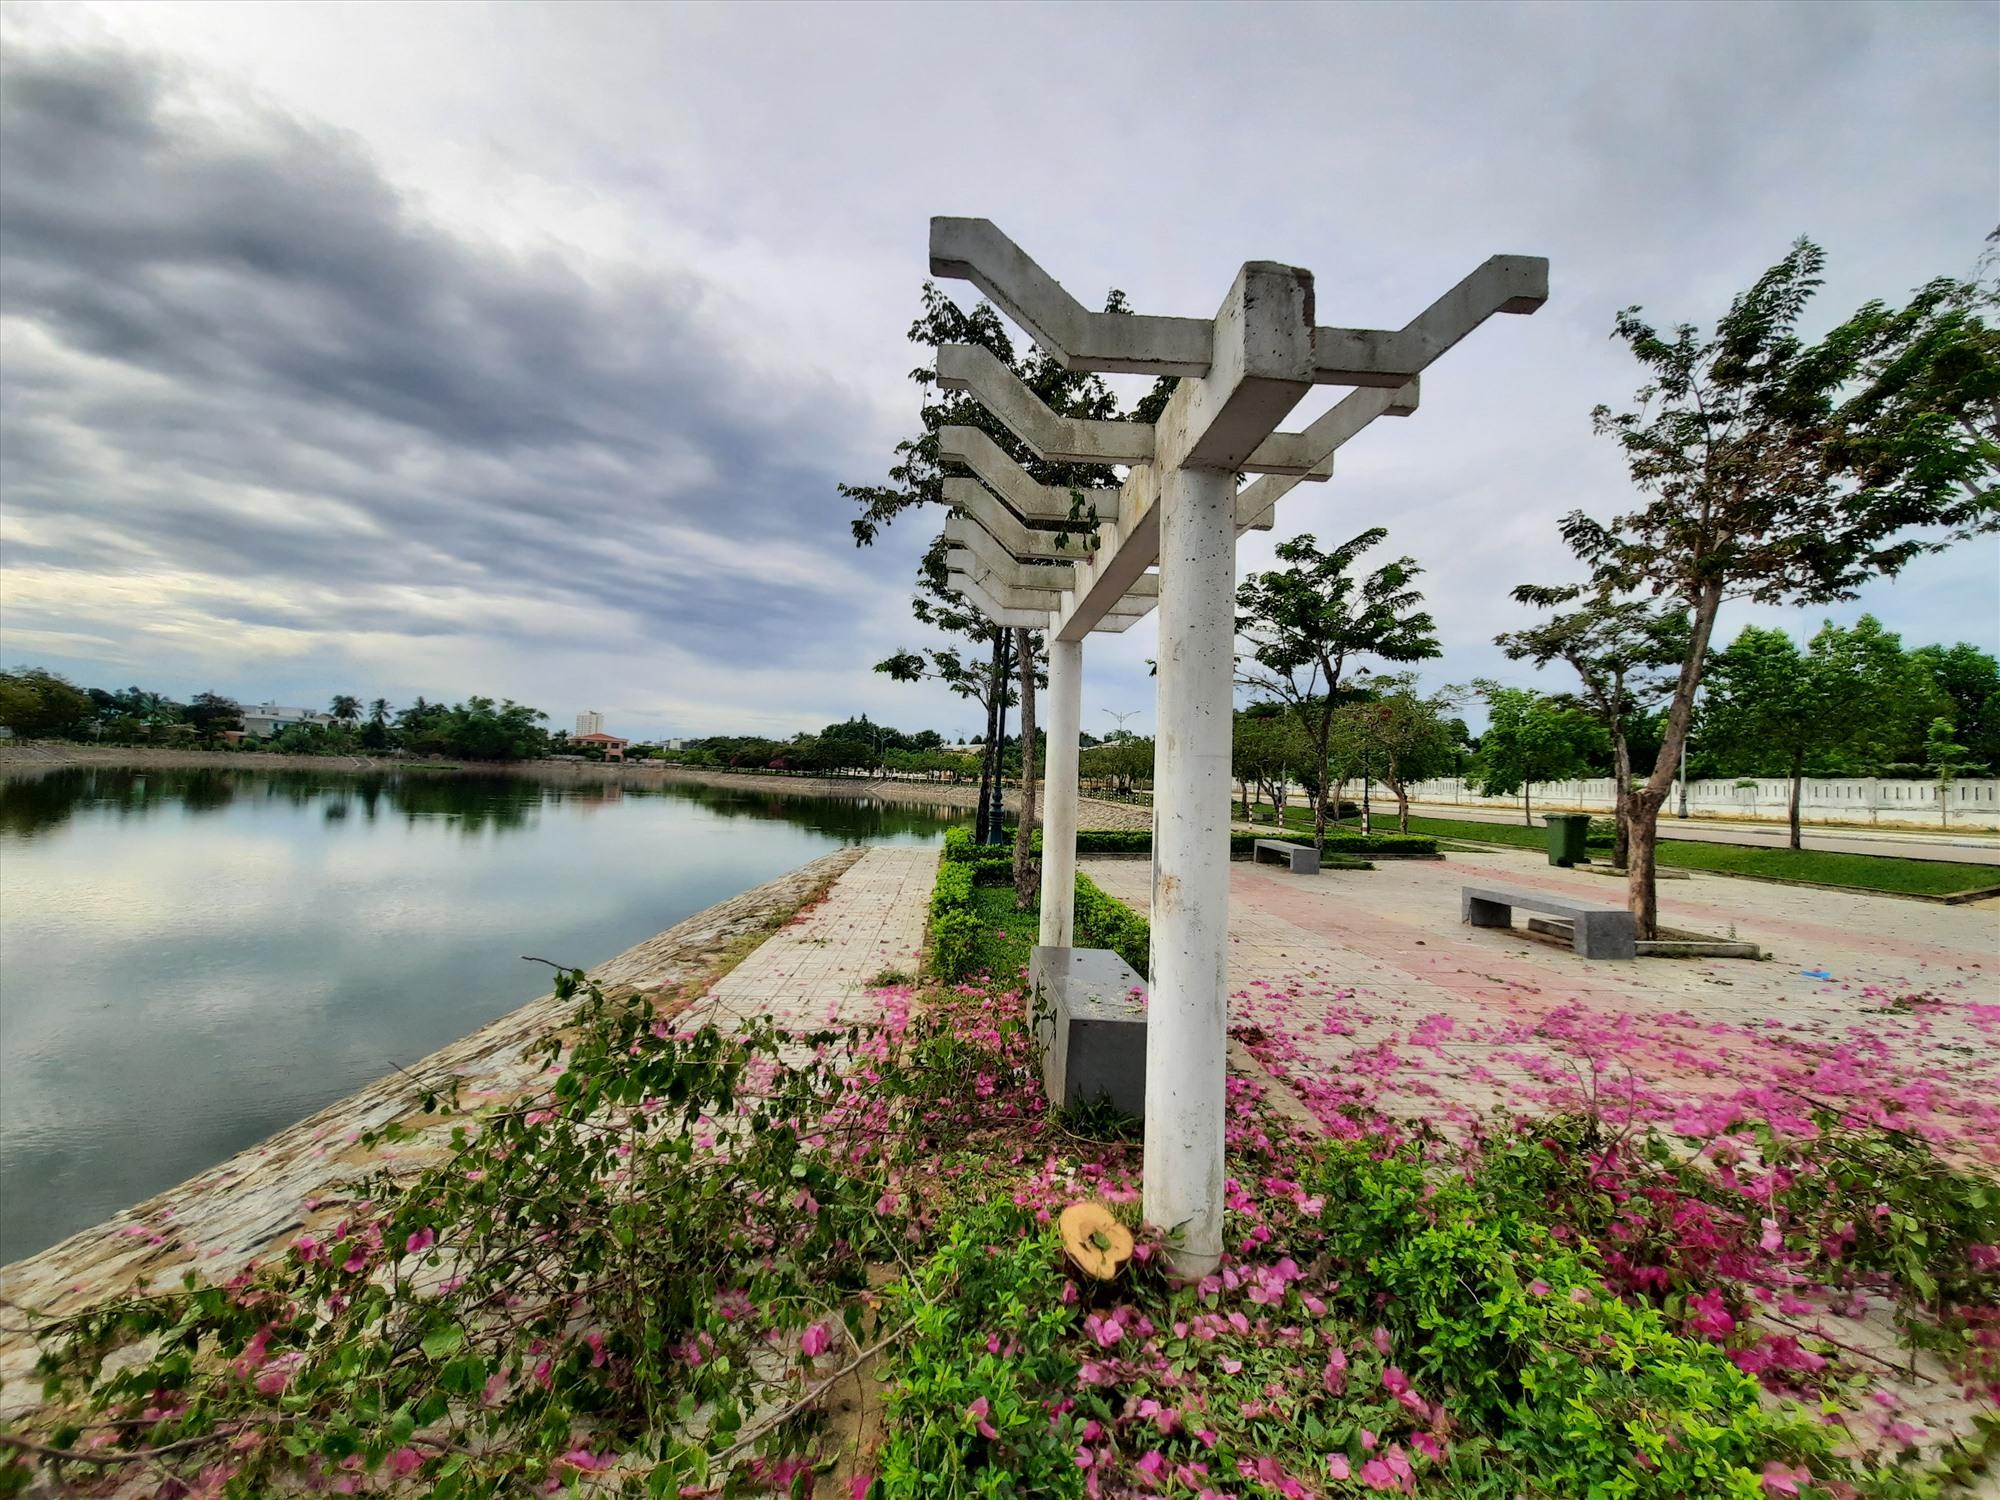 Khu vực xảy ra vụ cưa trộm cây là Công viên Nguyễn Du.Ảnh: Đ.ĐẠO